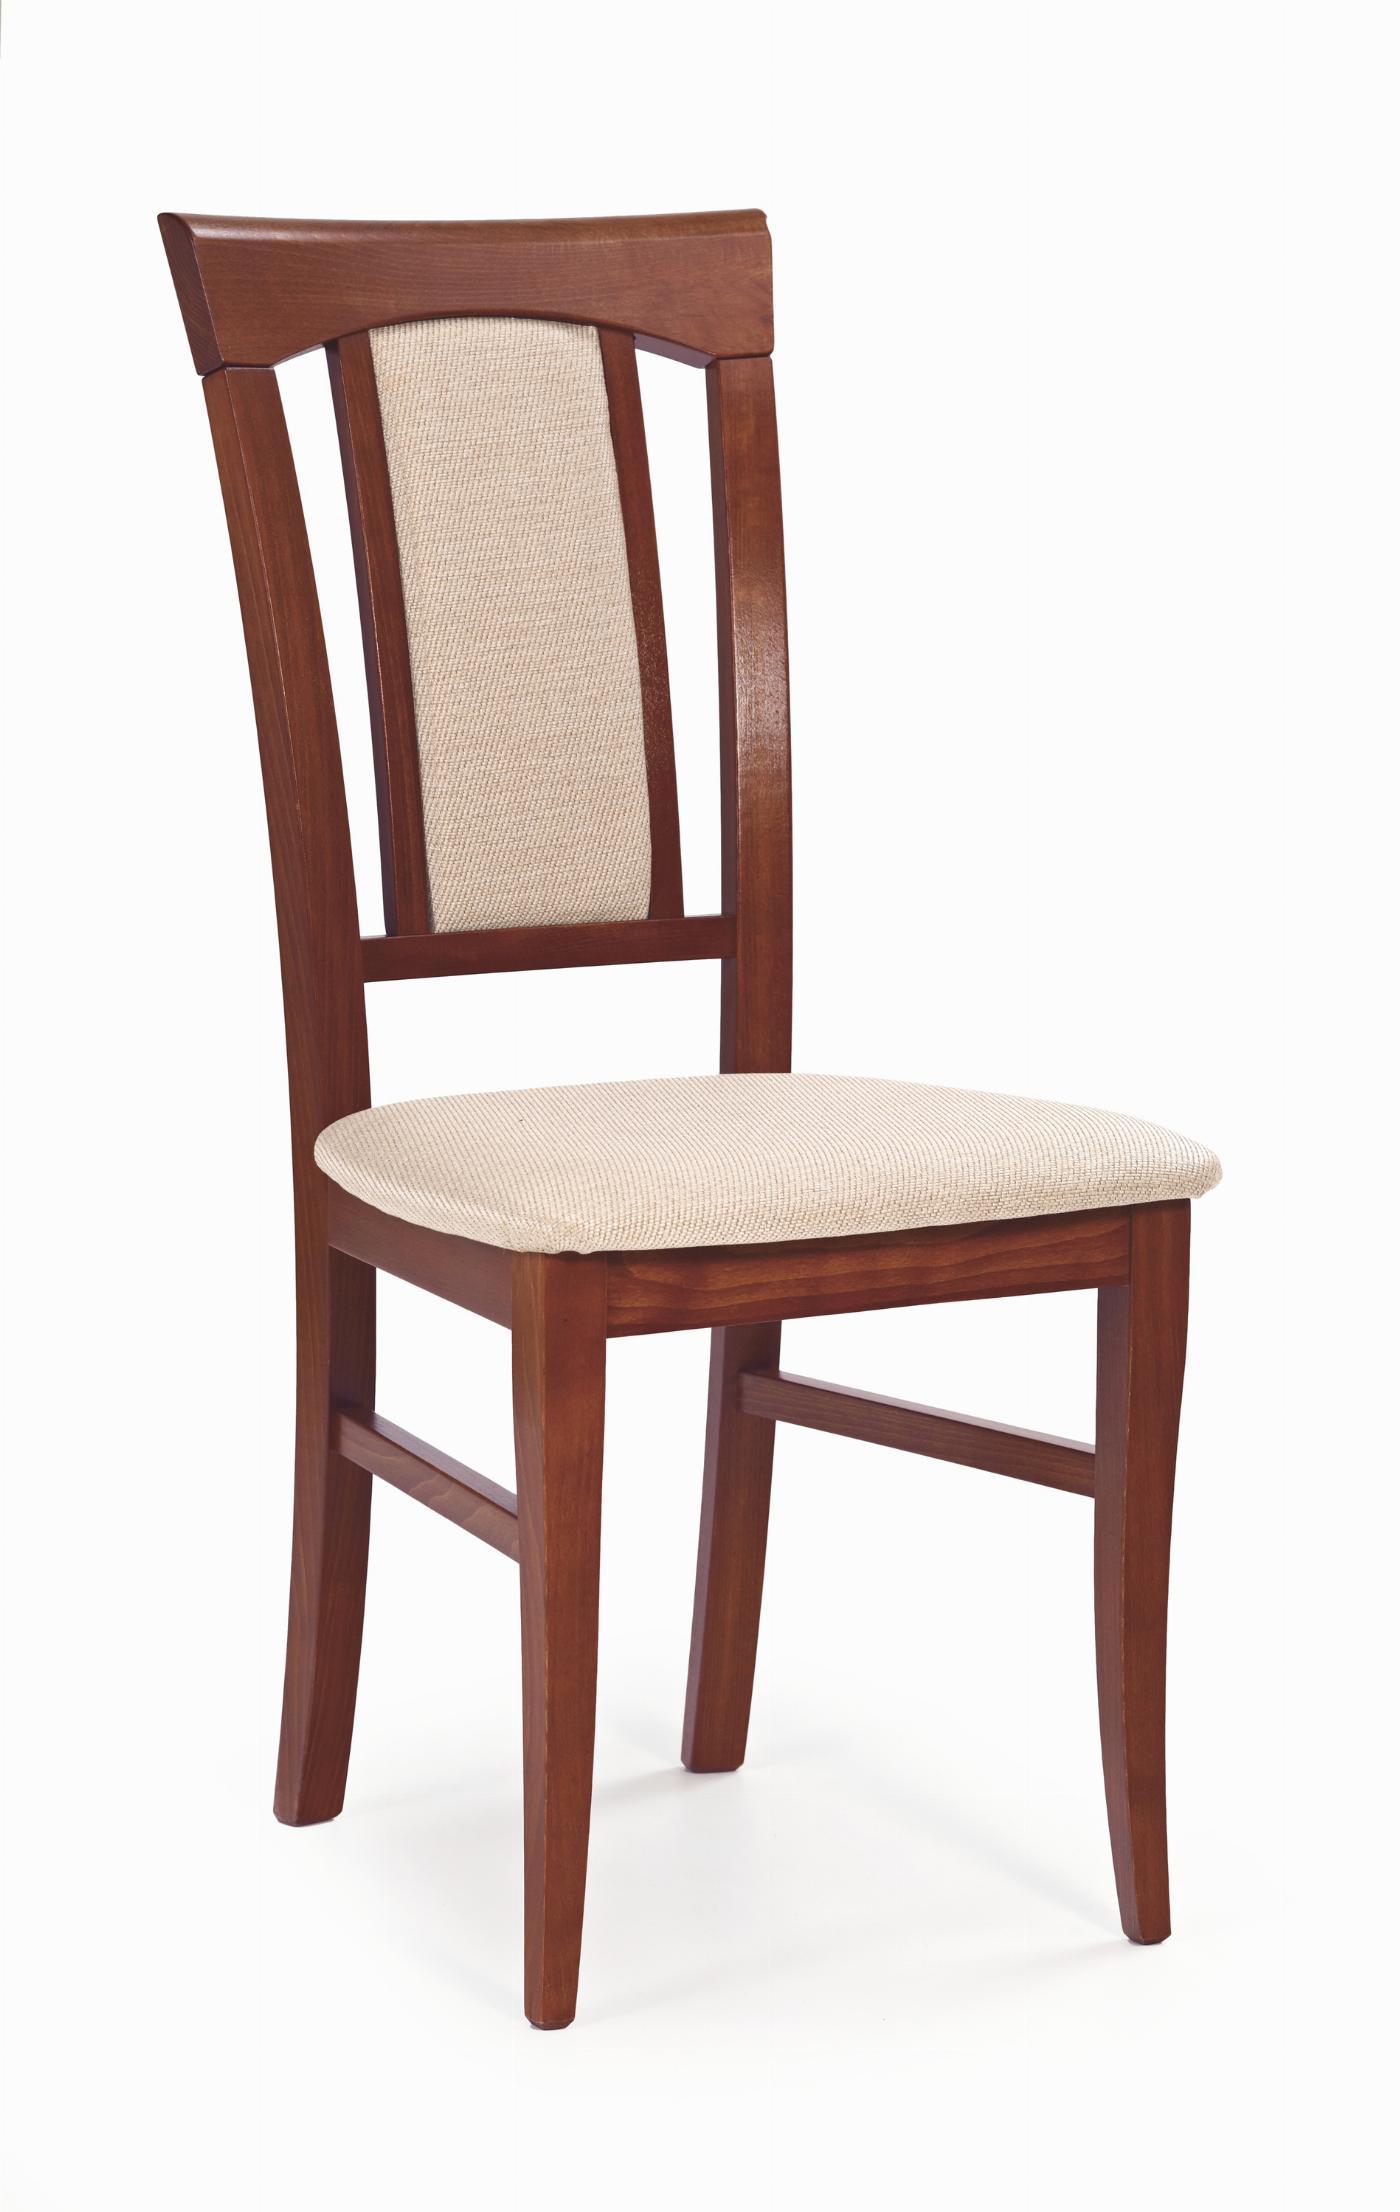 KONRAD krzesło czereśnia ant. II / tap: MESH 1 (1p=2szt)